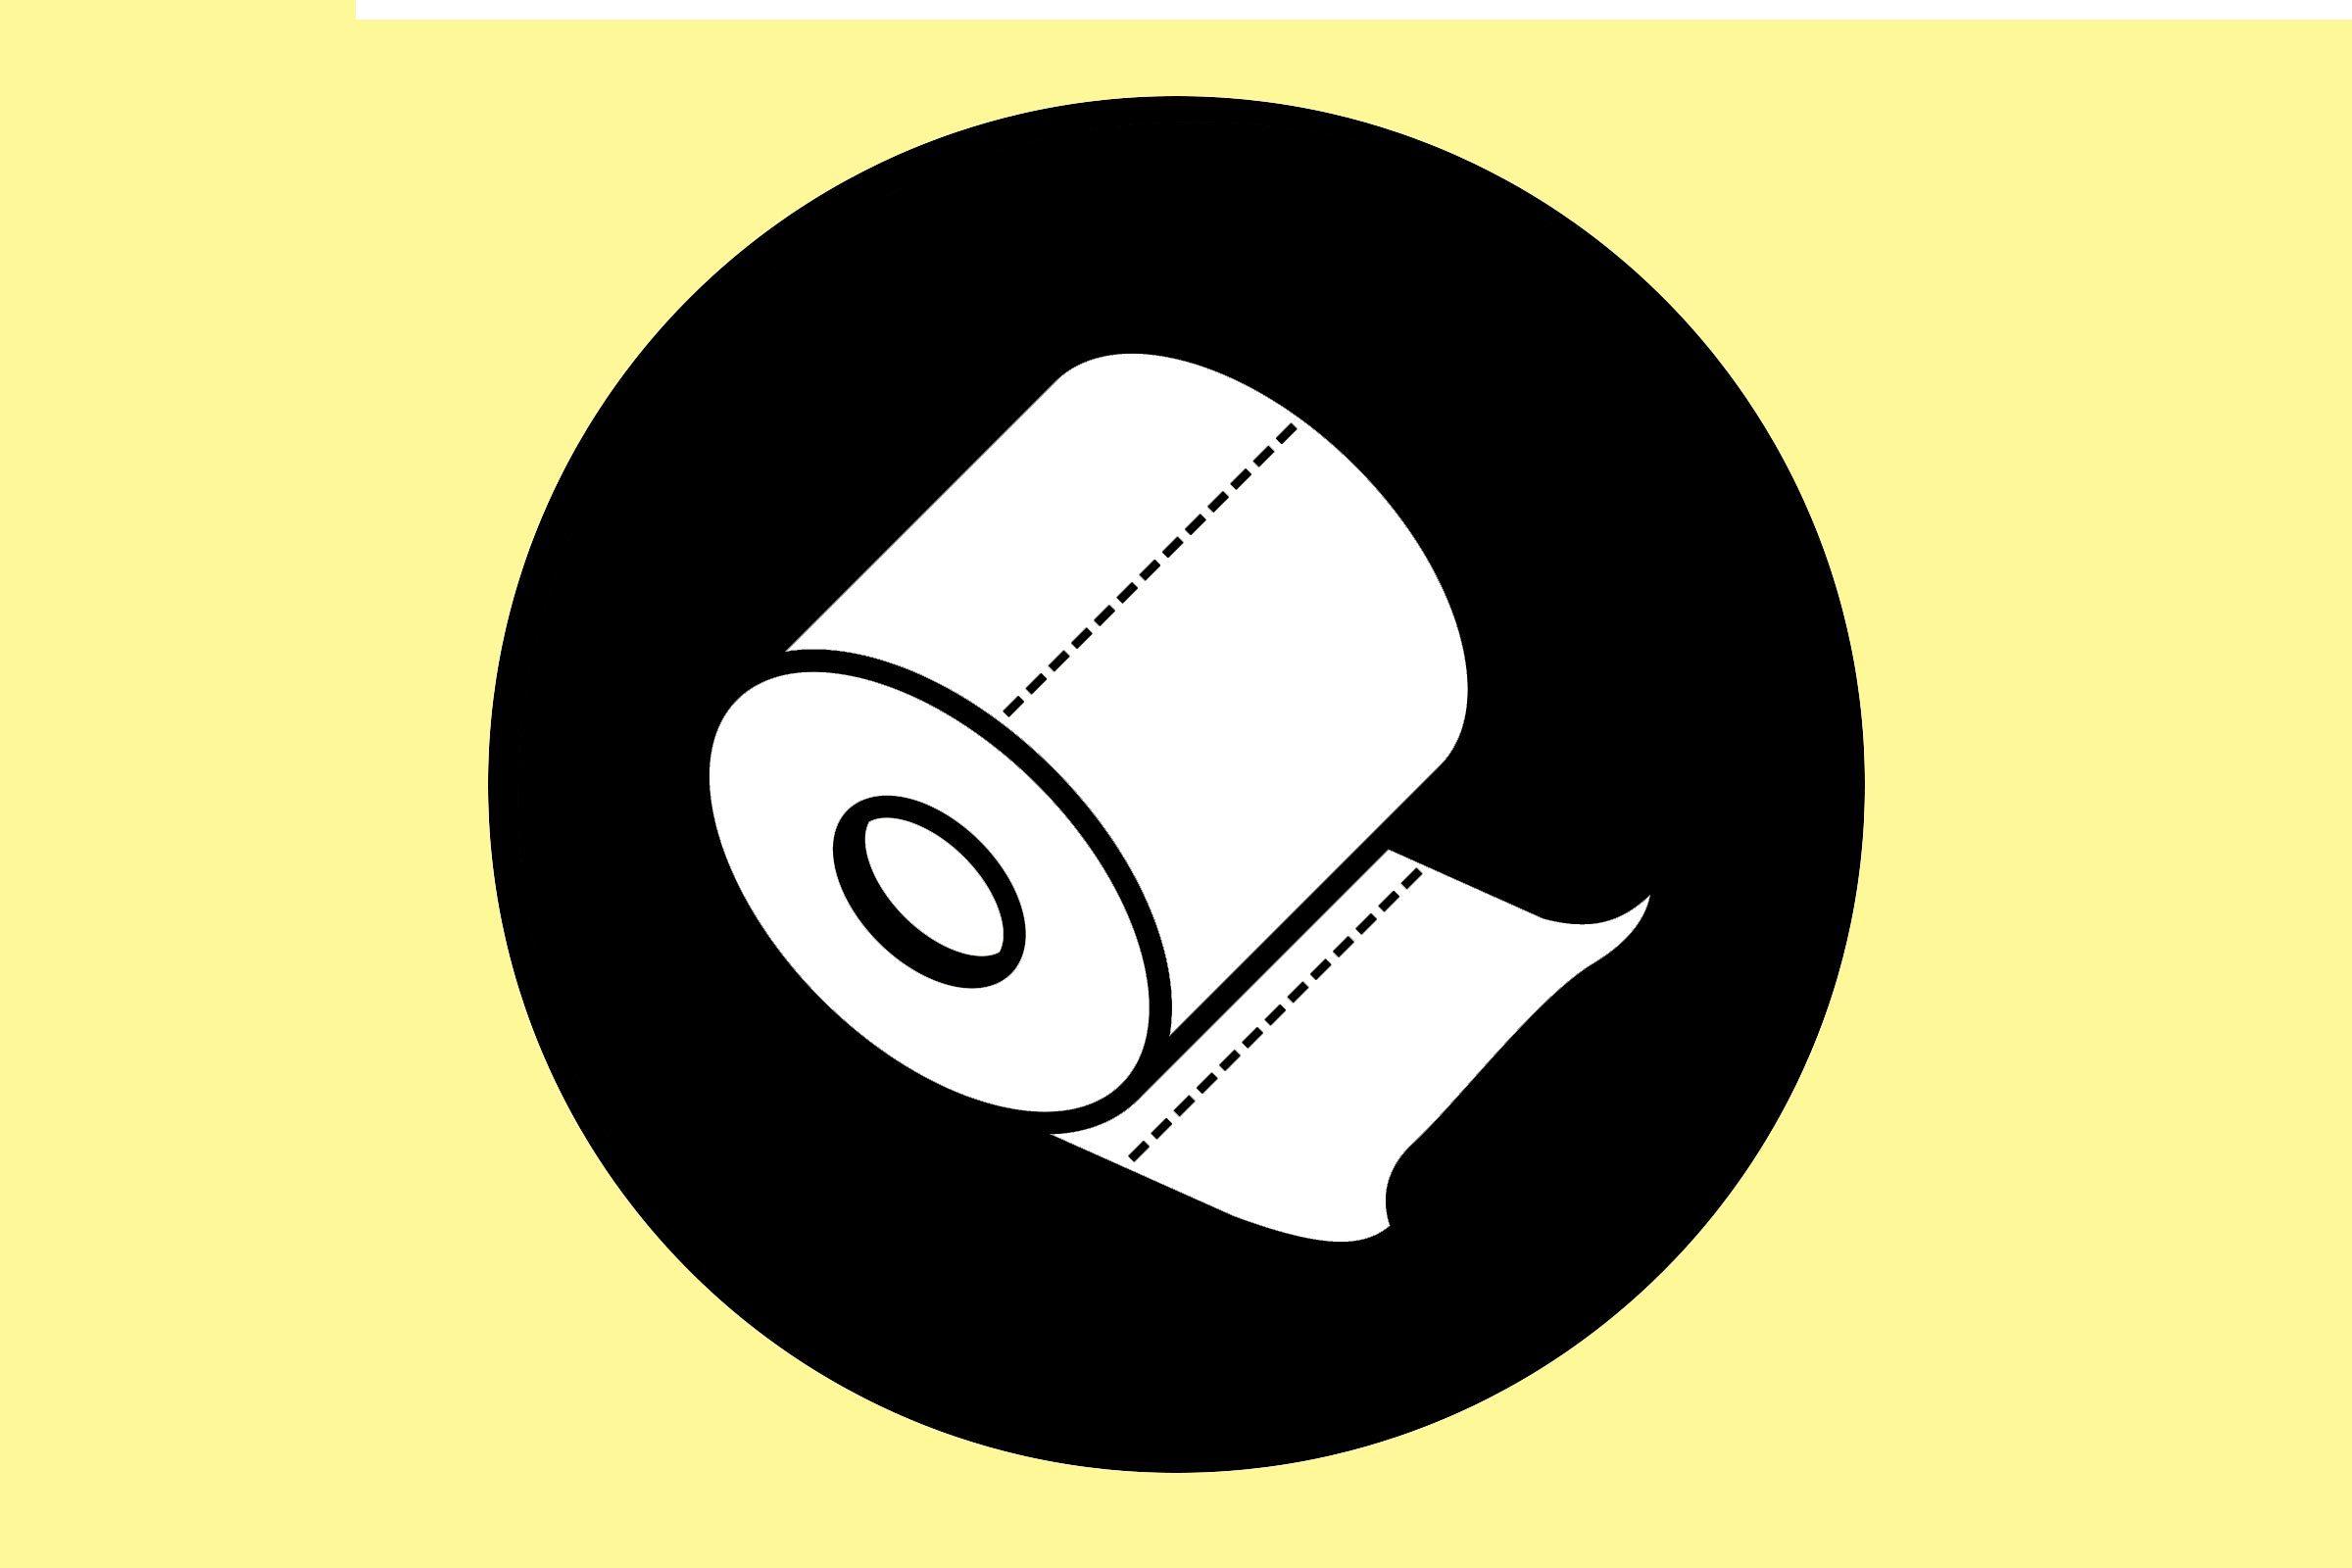 Quand des mictions fréquentes s'accompagnent de fièvre, d'un besoin urgent d'uriner et de douleur dans l'abdomen, ça peut être une infection urinaire.